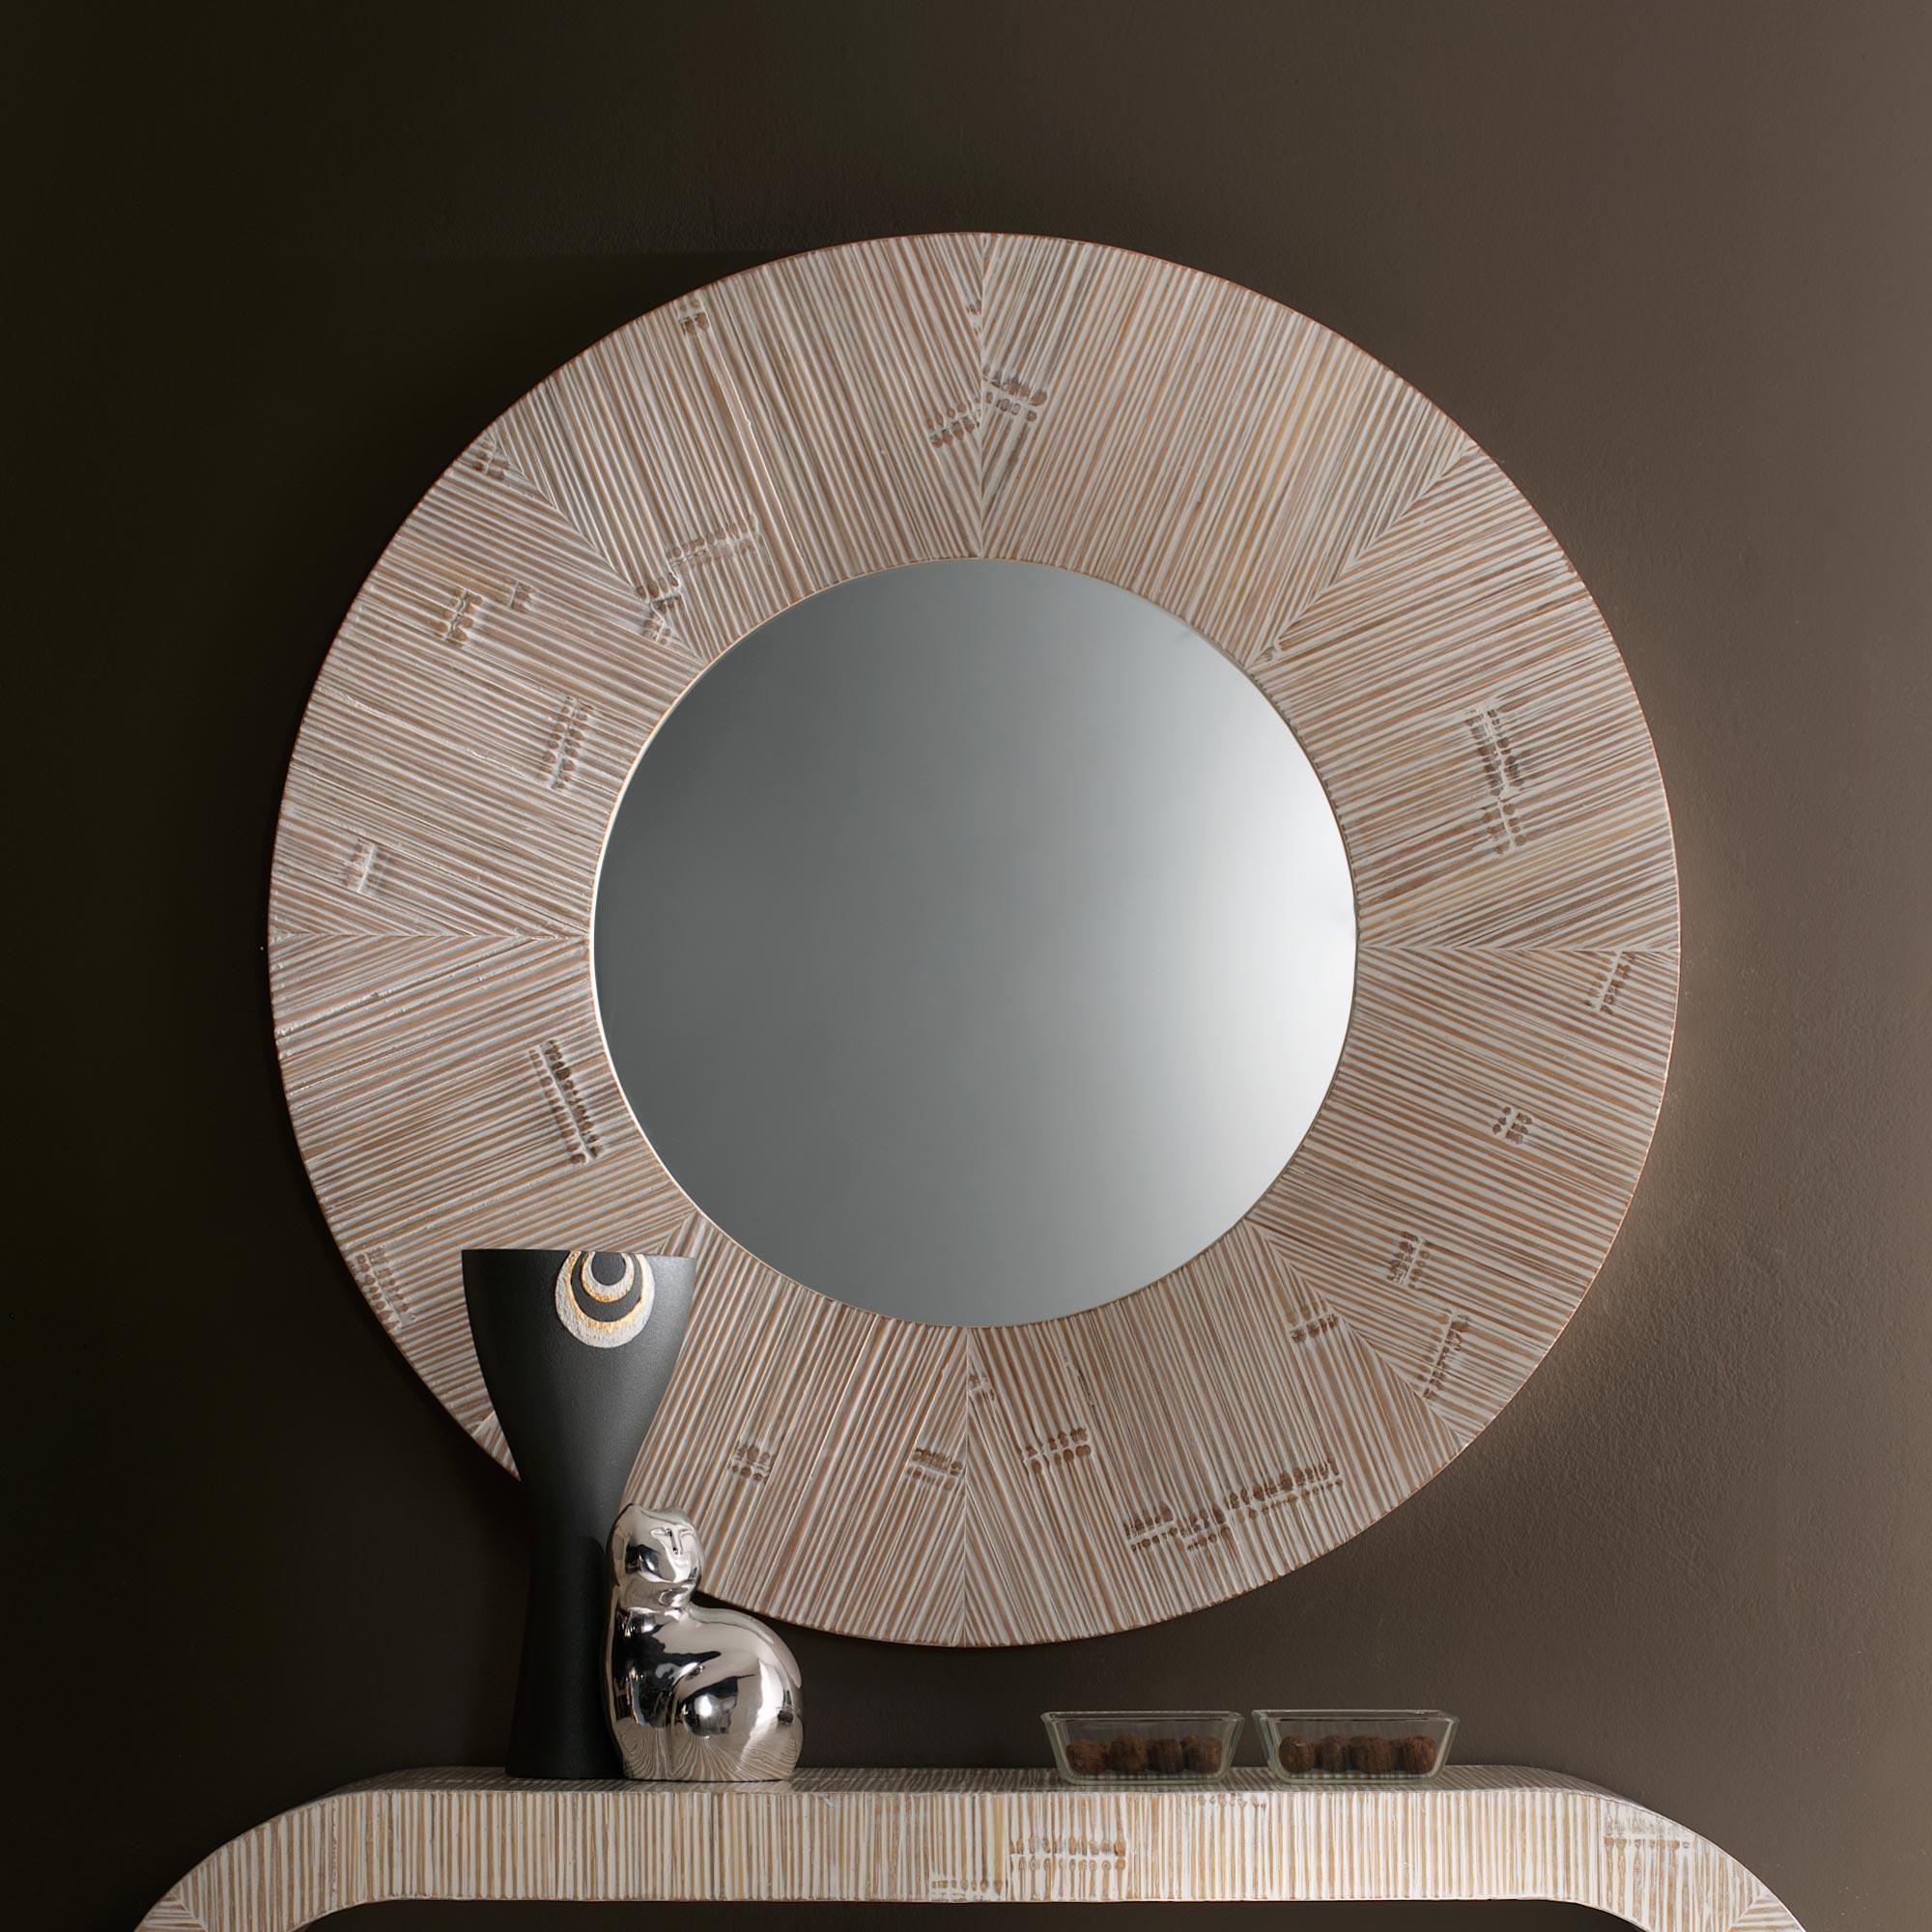 Miroir rond bambou c rus for Miroir rond bambou